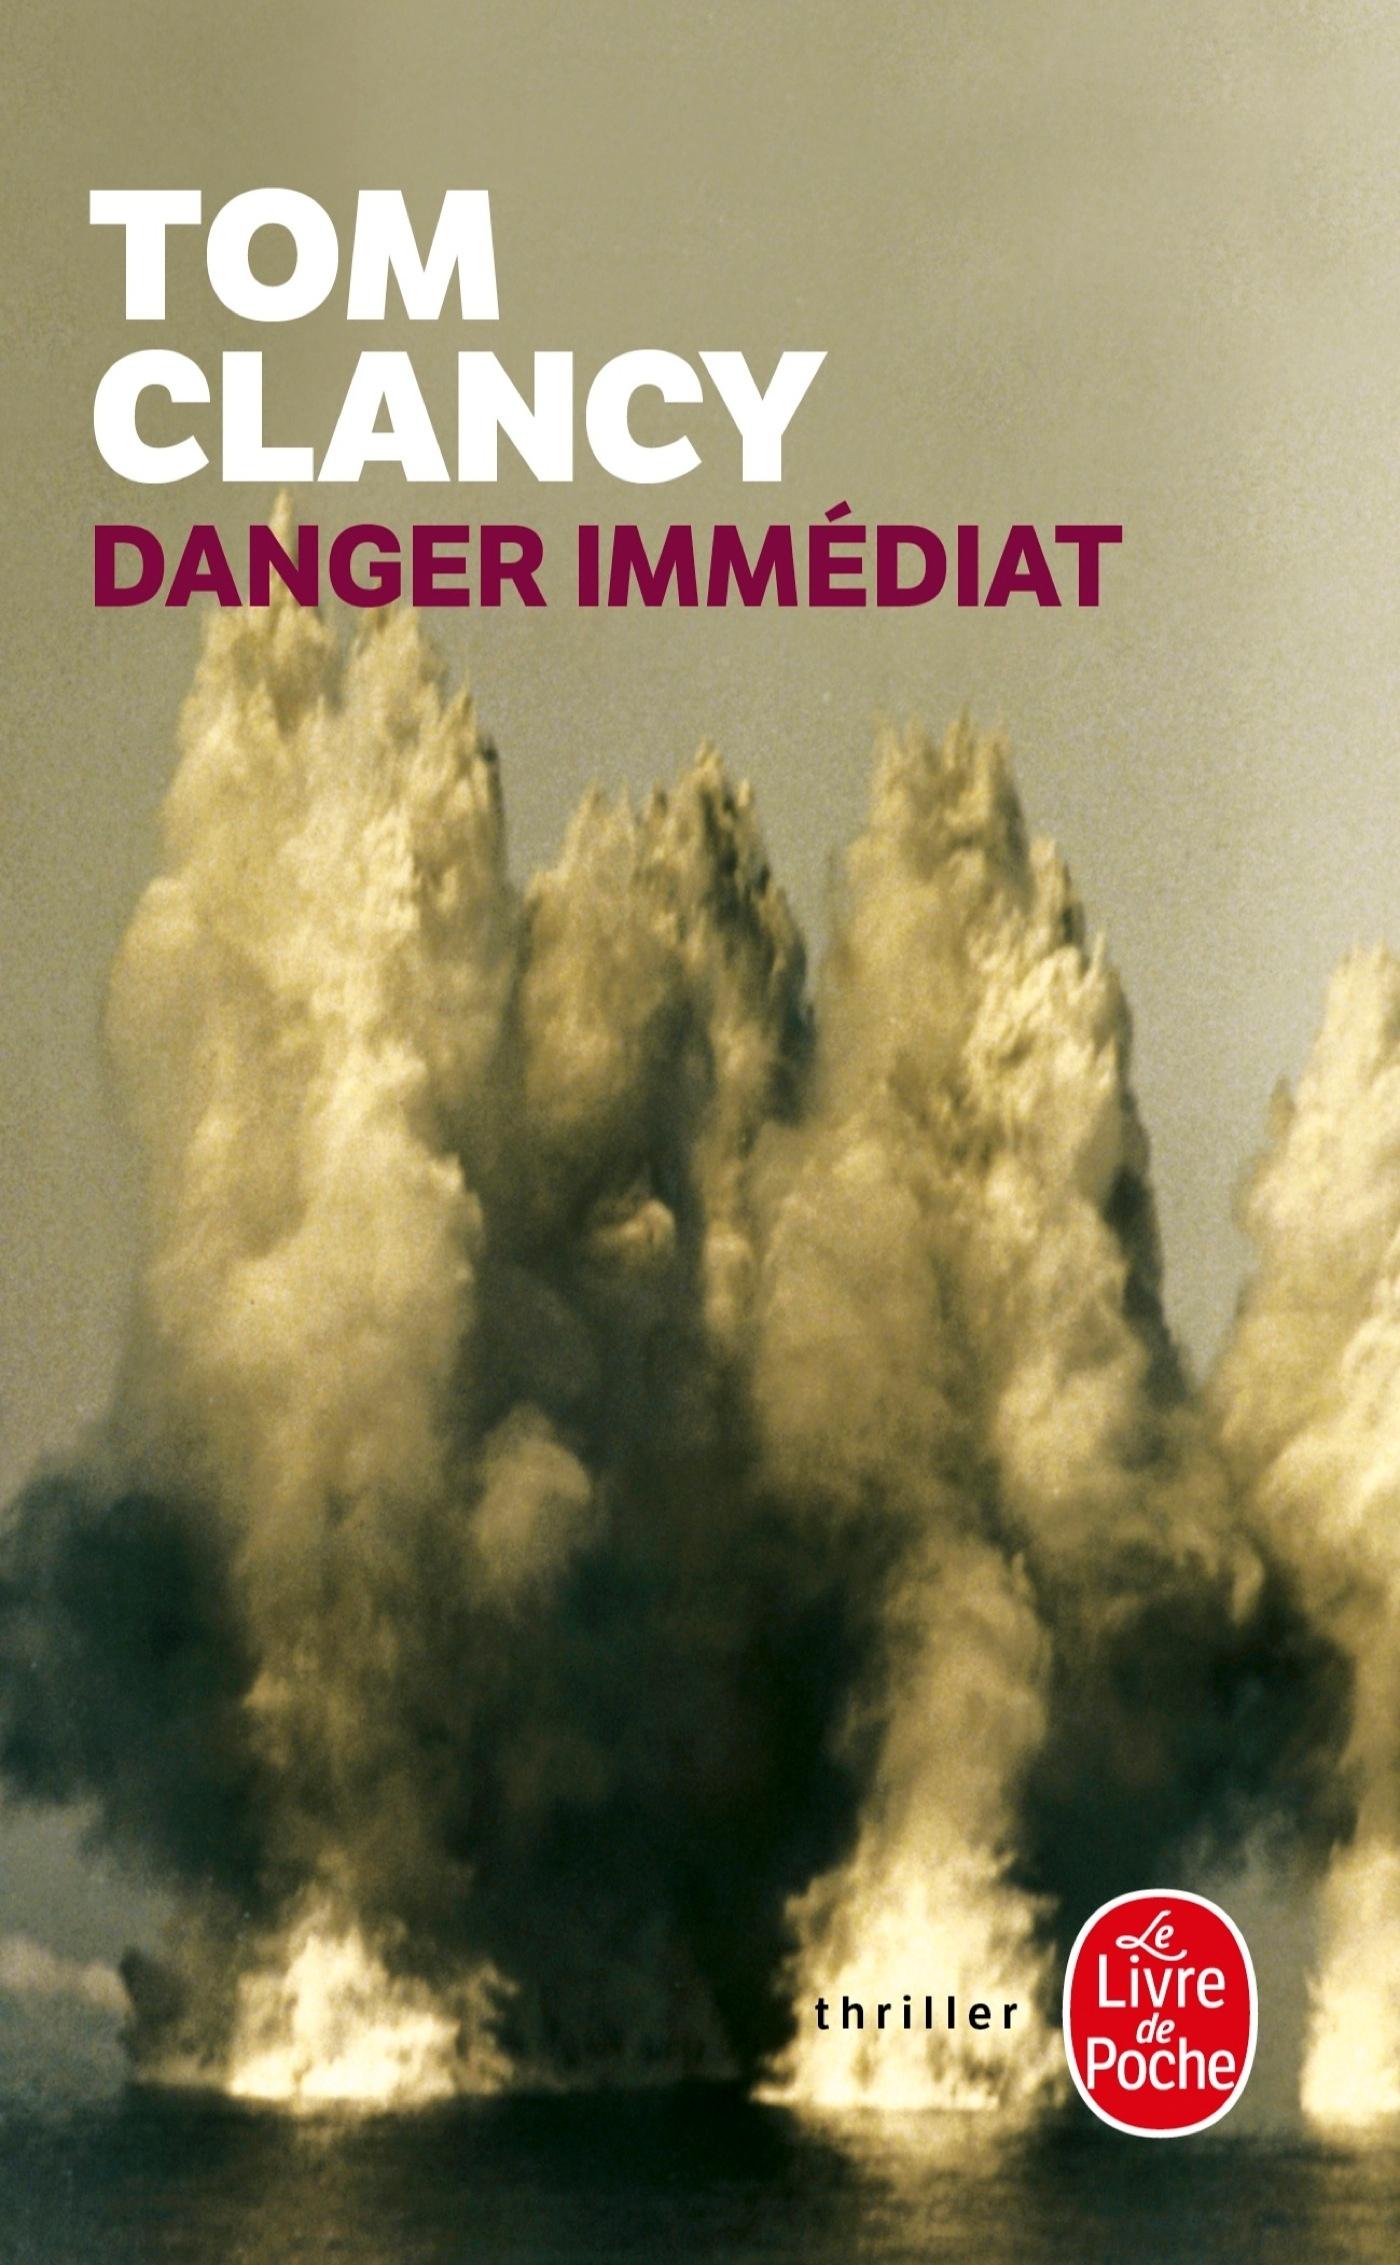 DANGER IMMEDIAT